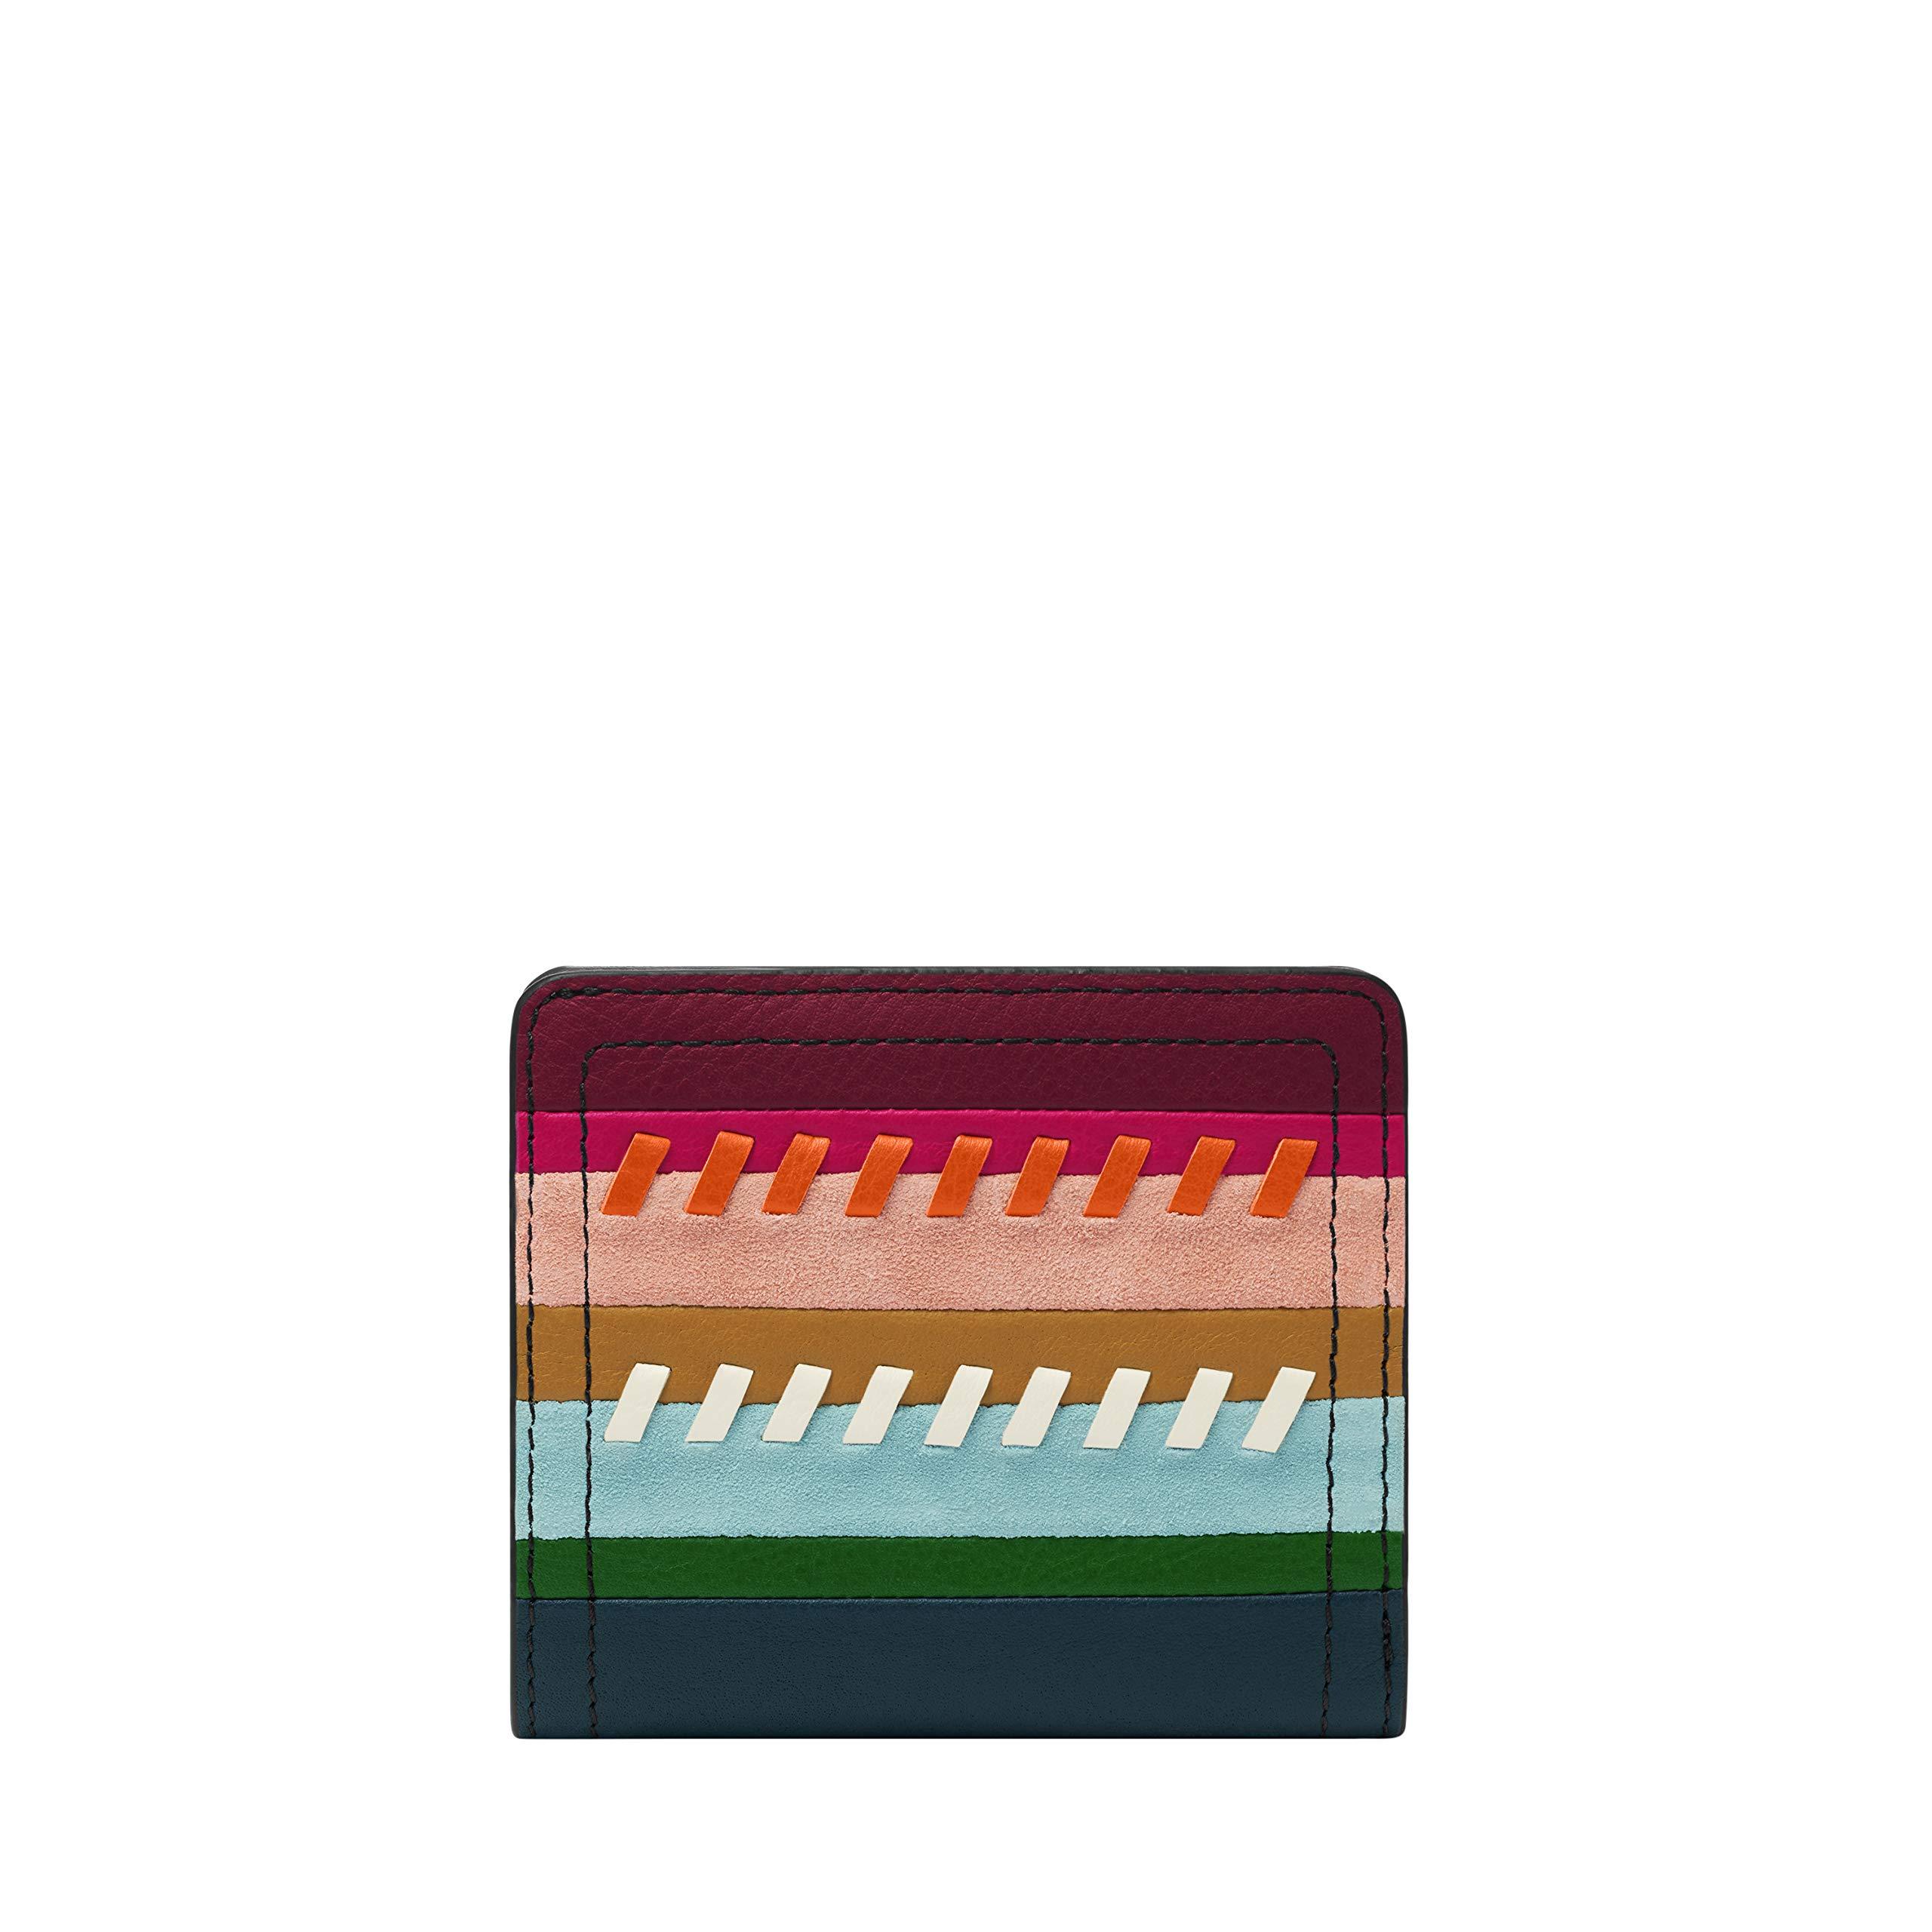 Fossil Women's Logan RFID Small Bifold Wallet